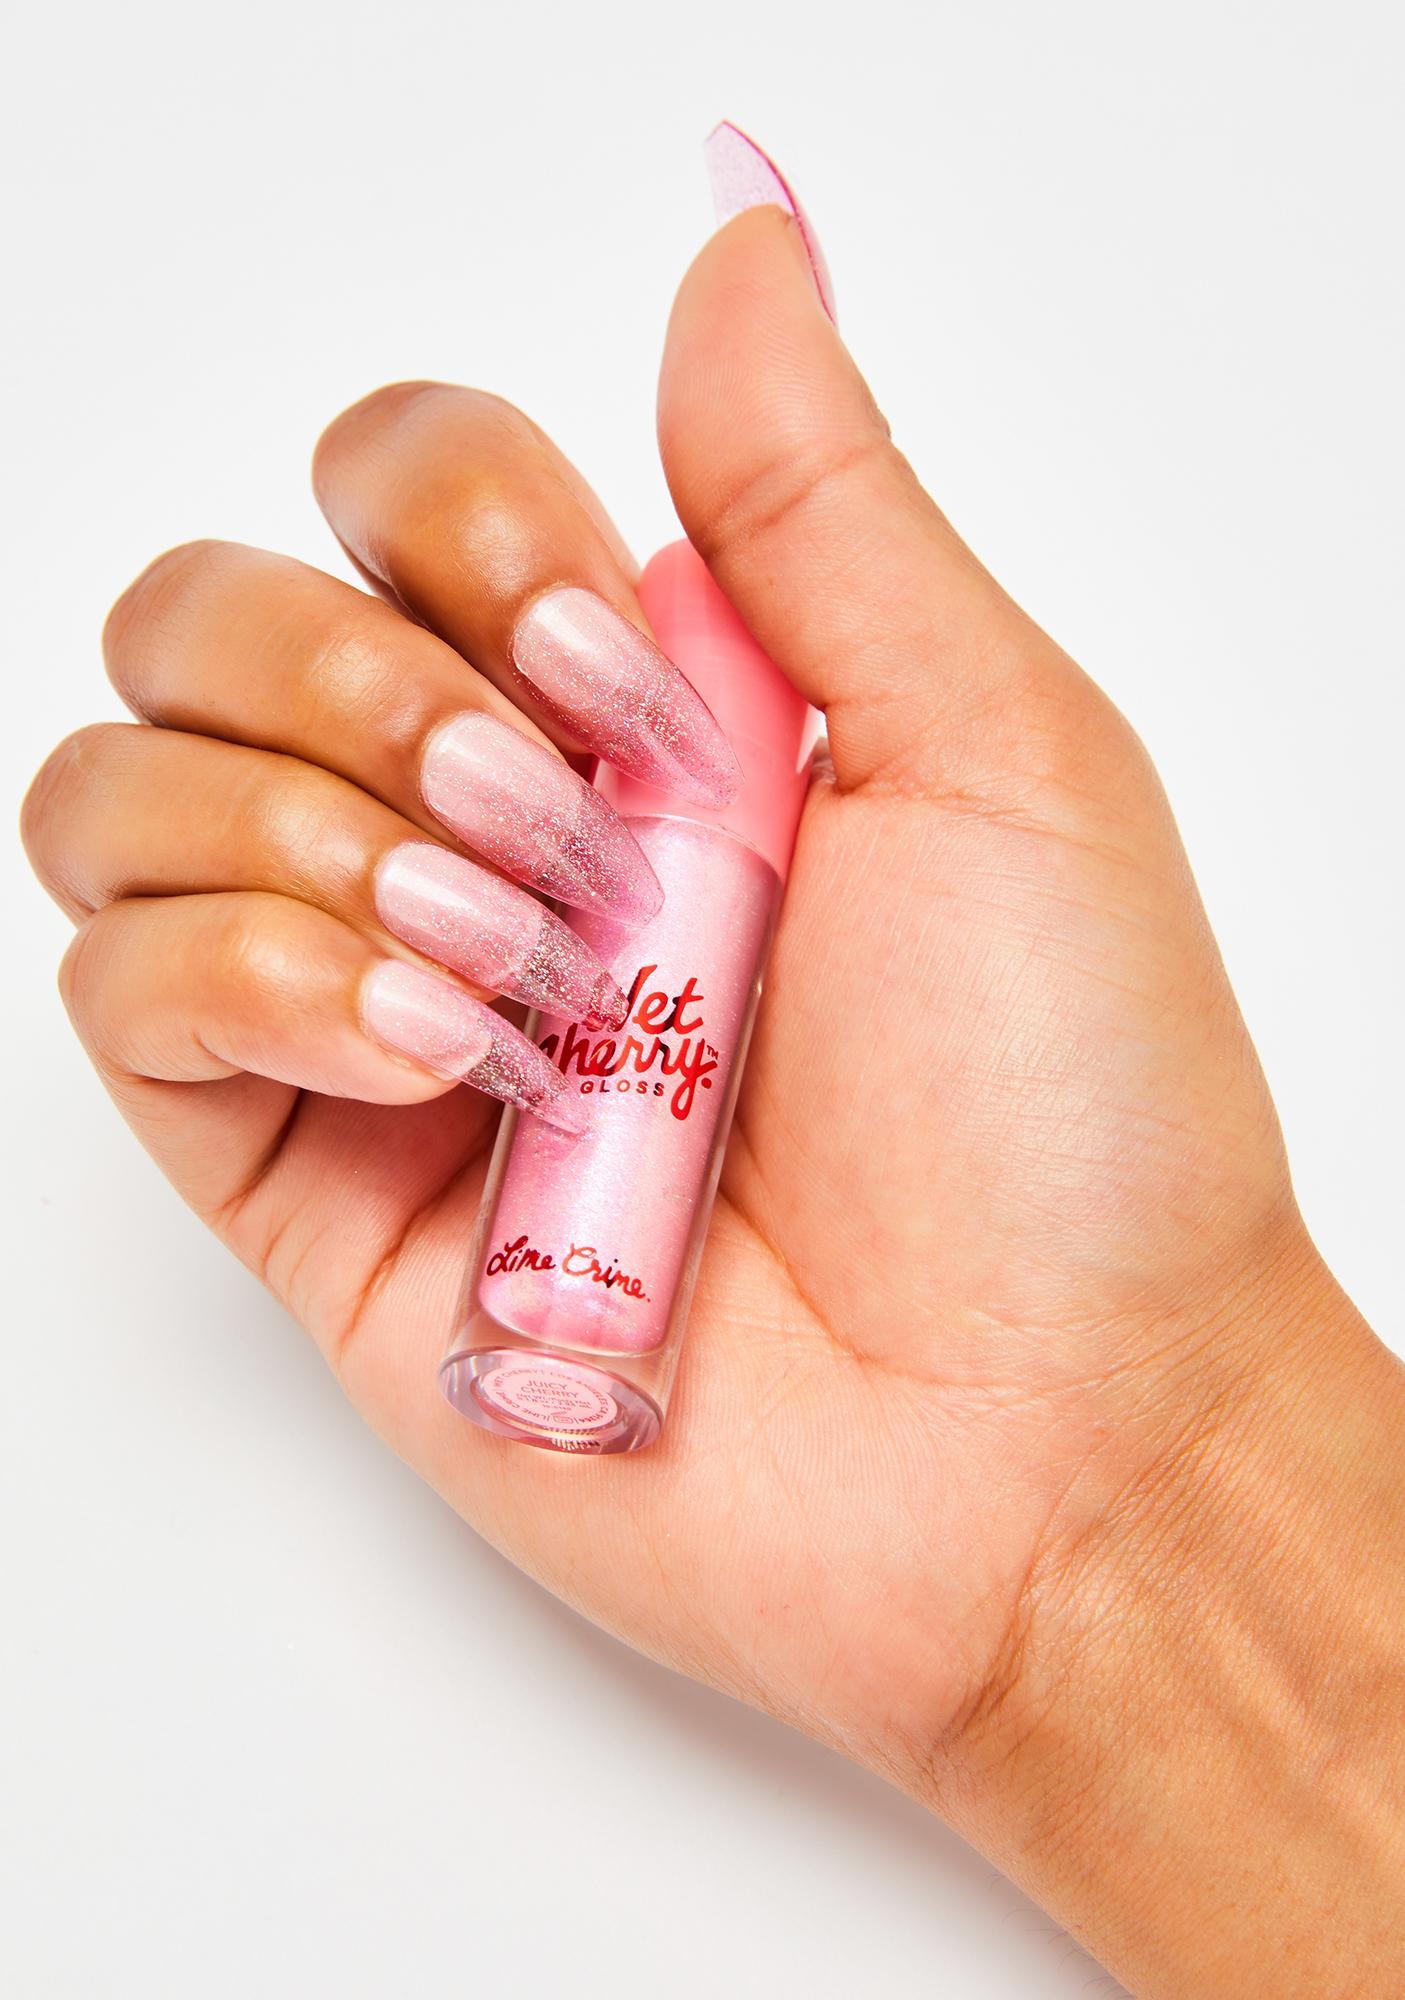 Tres She Talons Creamy Soda Press On Nails